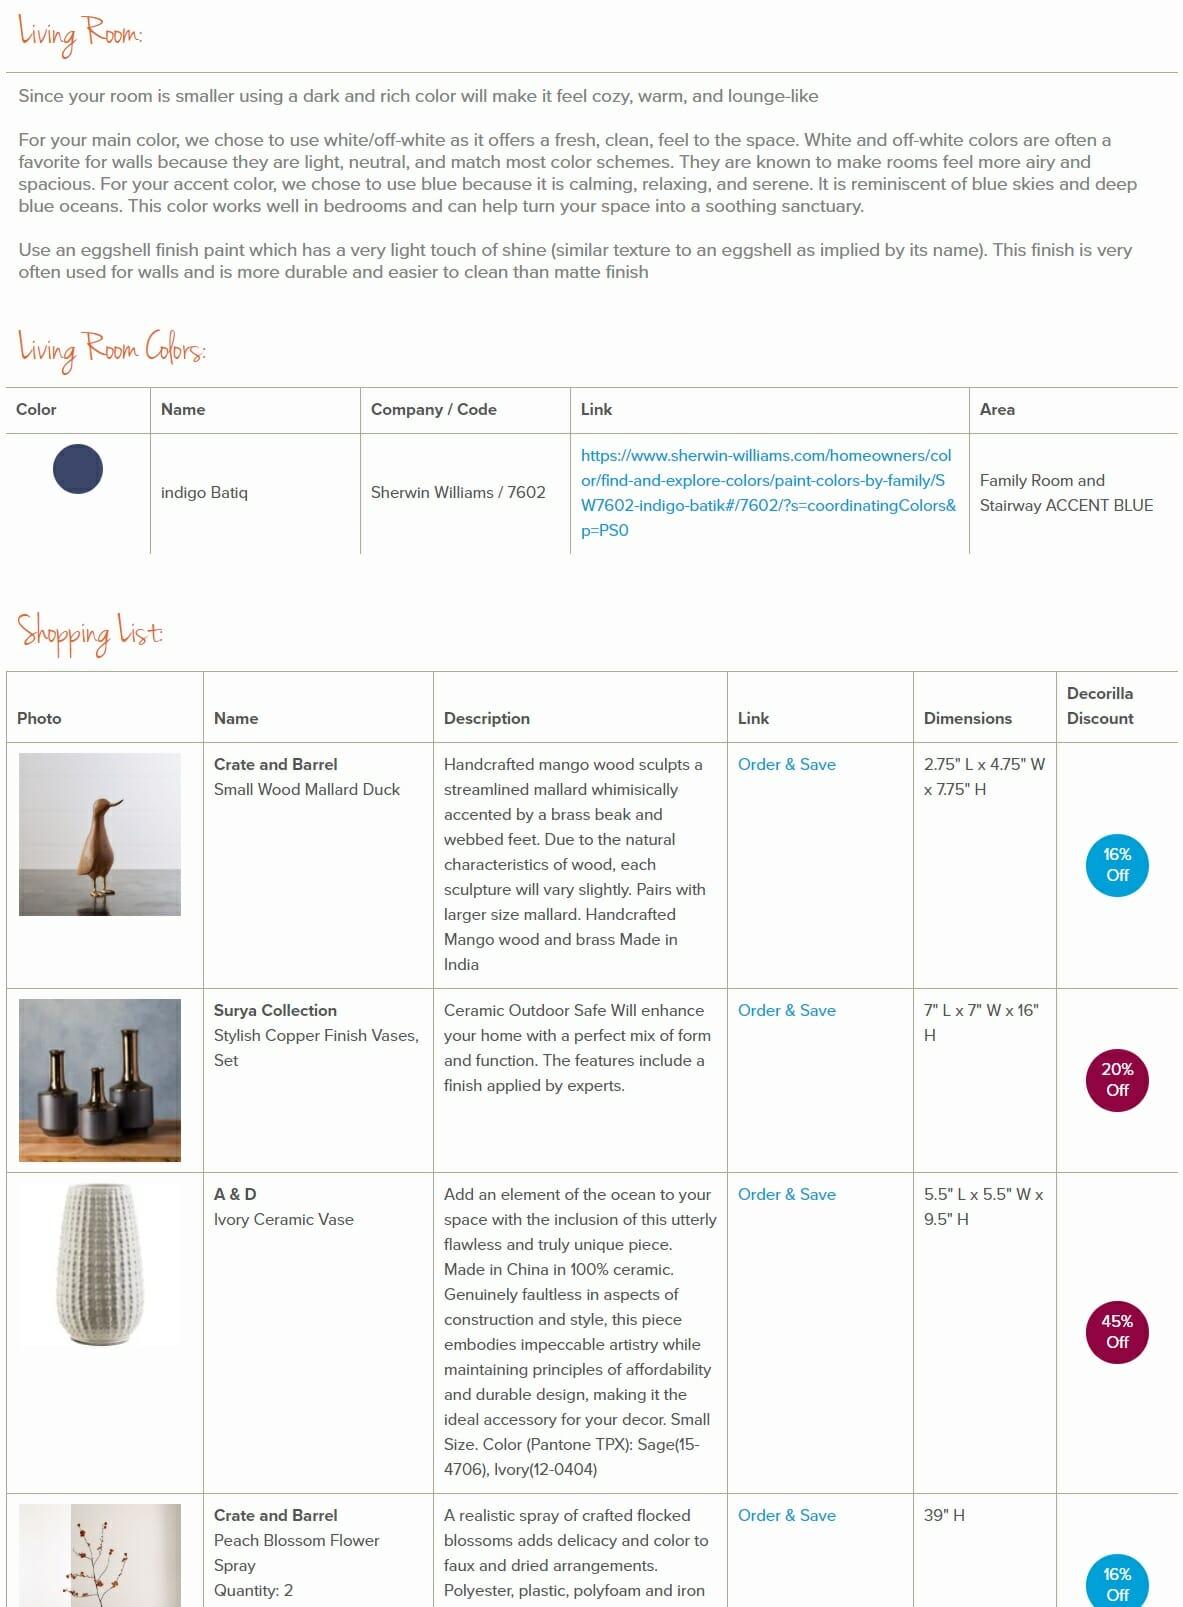 decorilla vs modsy comparison shopping list 5